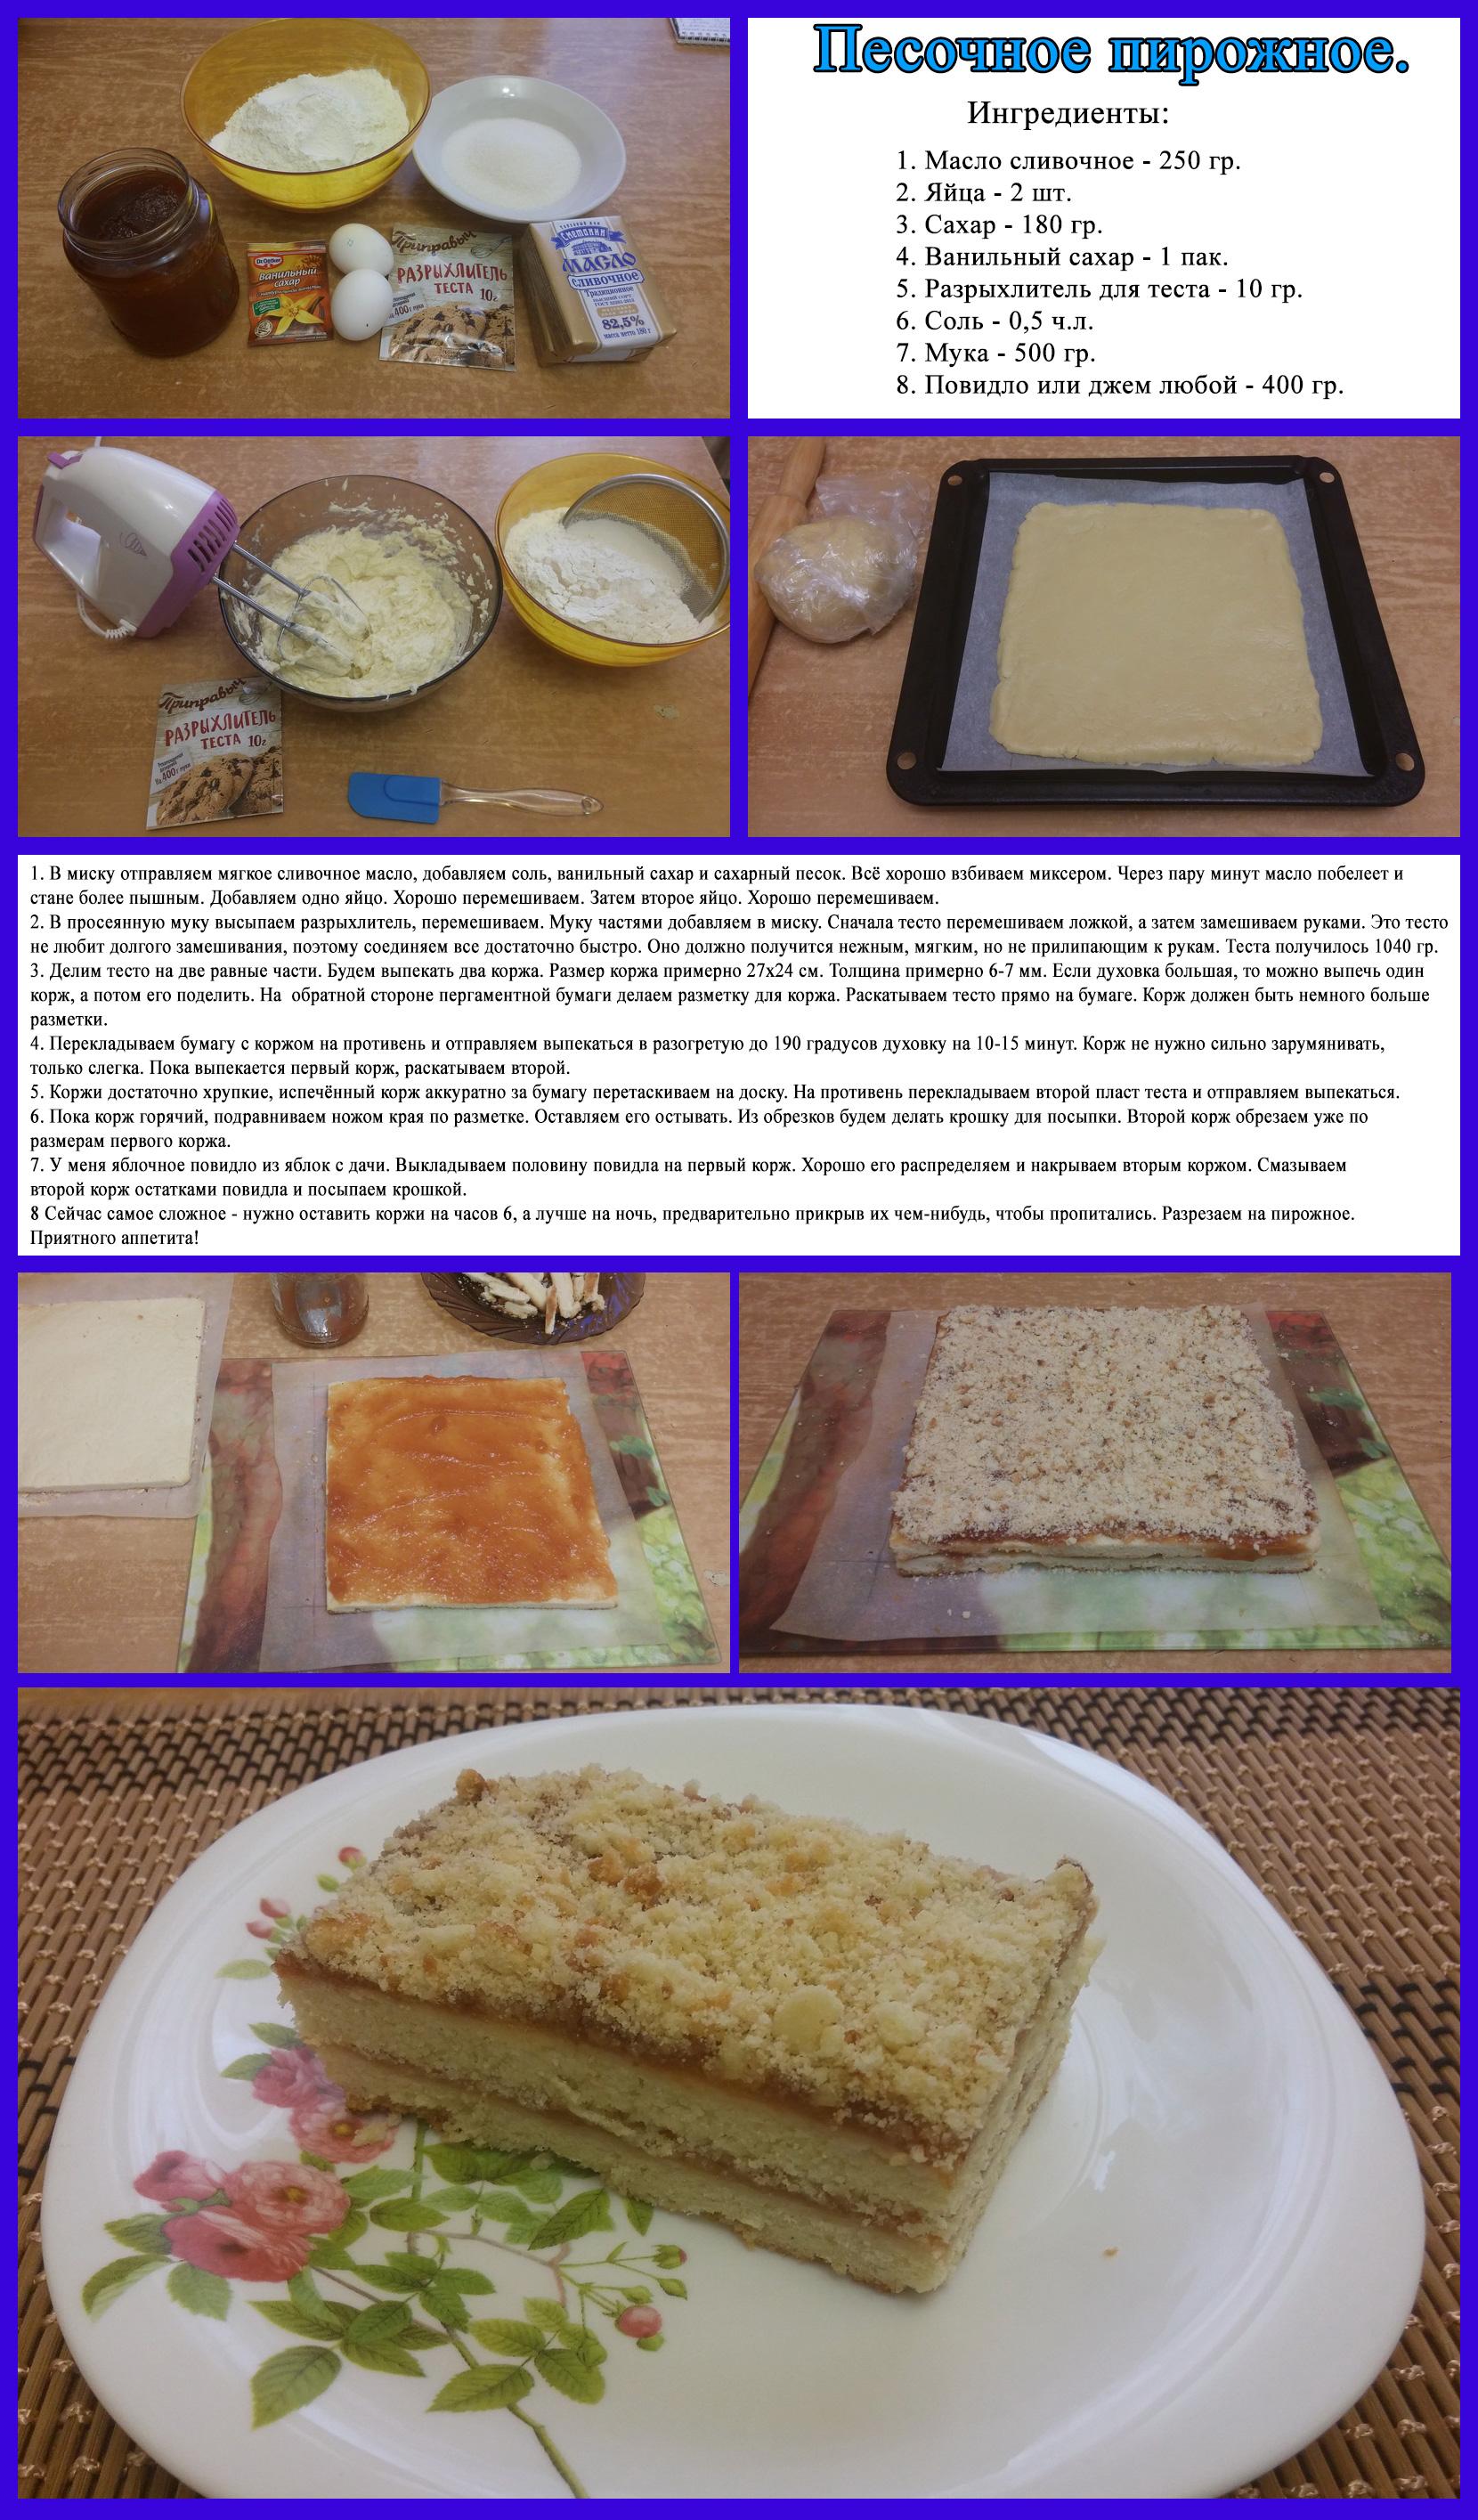 песочное-пирожное-1.jpg